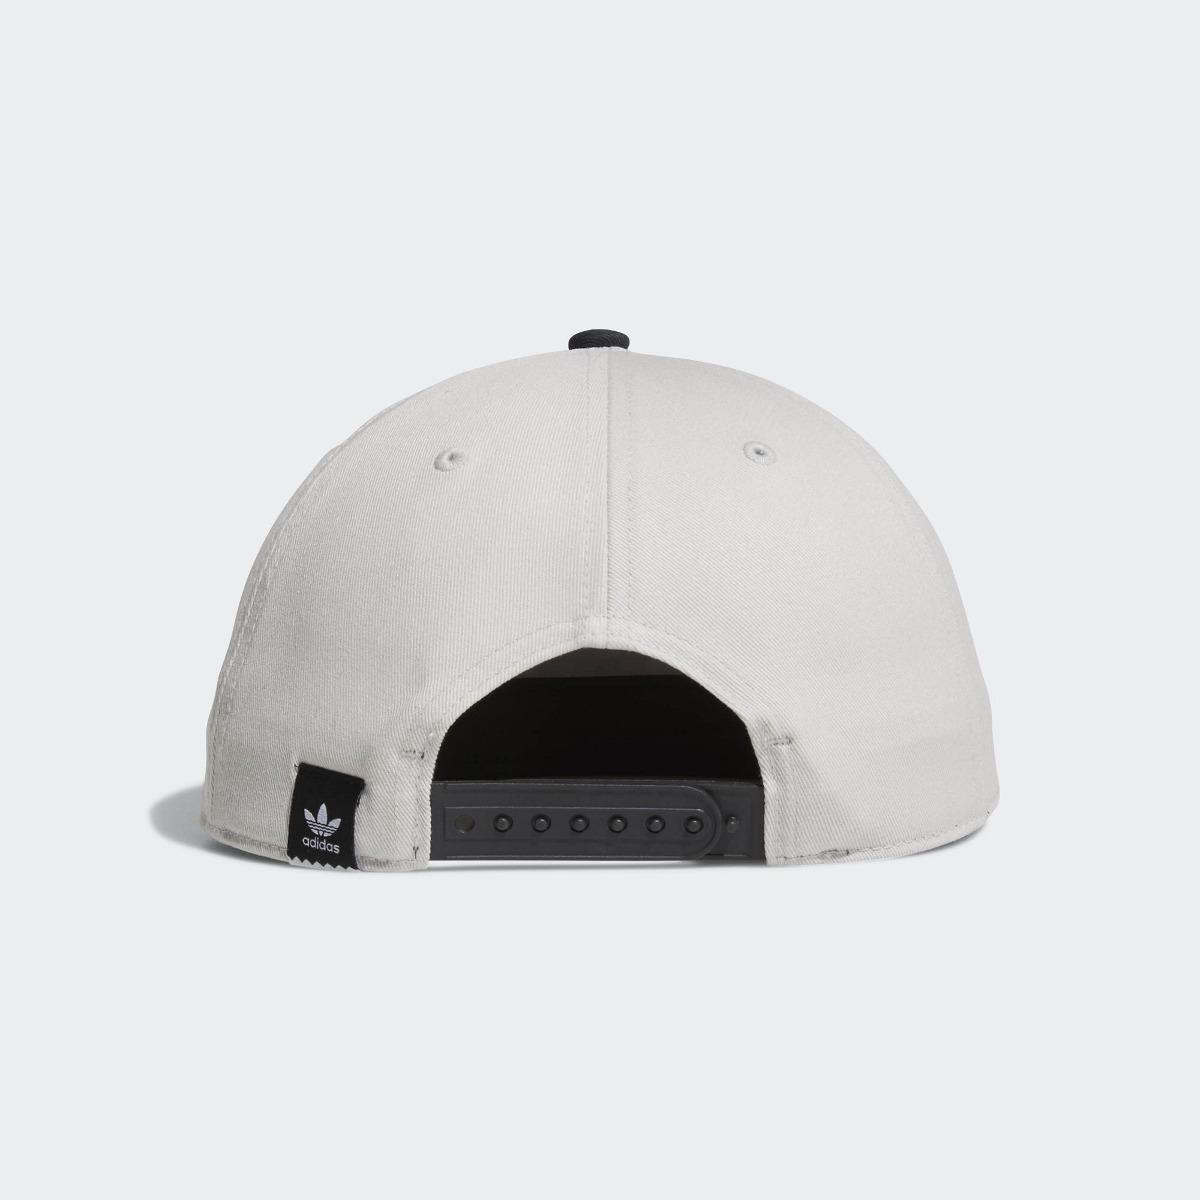 gorra adidas originals ce2612 nueva original envío gratis. Cargando zoom. dd0d6615c17